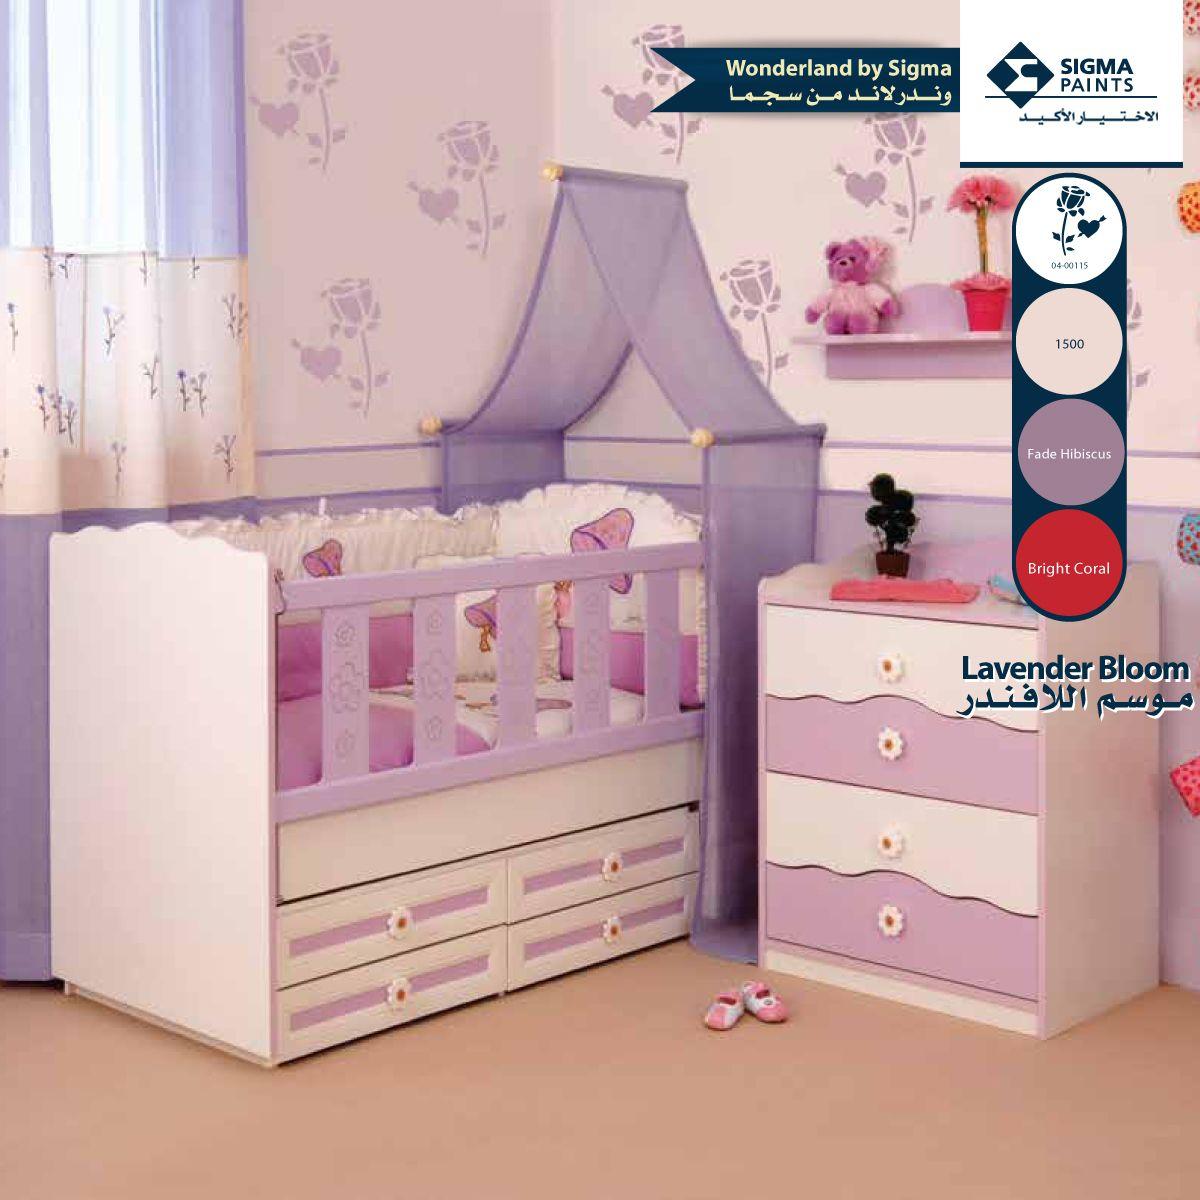 ألوان البنفسجي ظلال مذهلة في غرفة النوم اذا استعملت درجة أزهار البنفسج الطبيعية السعودية ديكور Pur Kid Room Decor Bedroom Decor Decorate Your Room